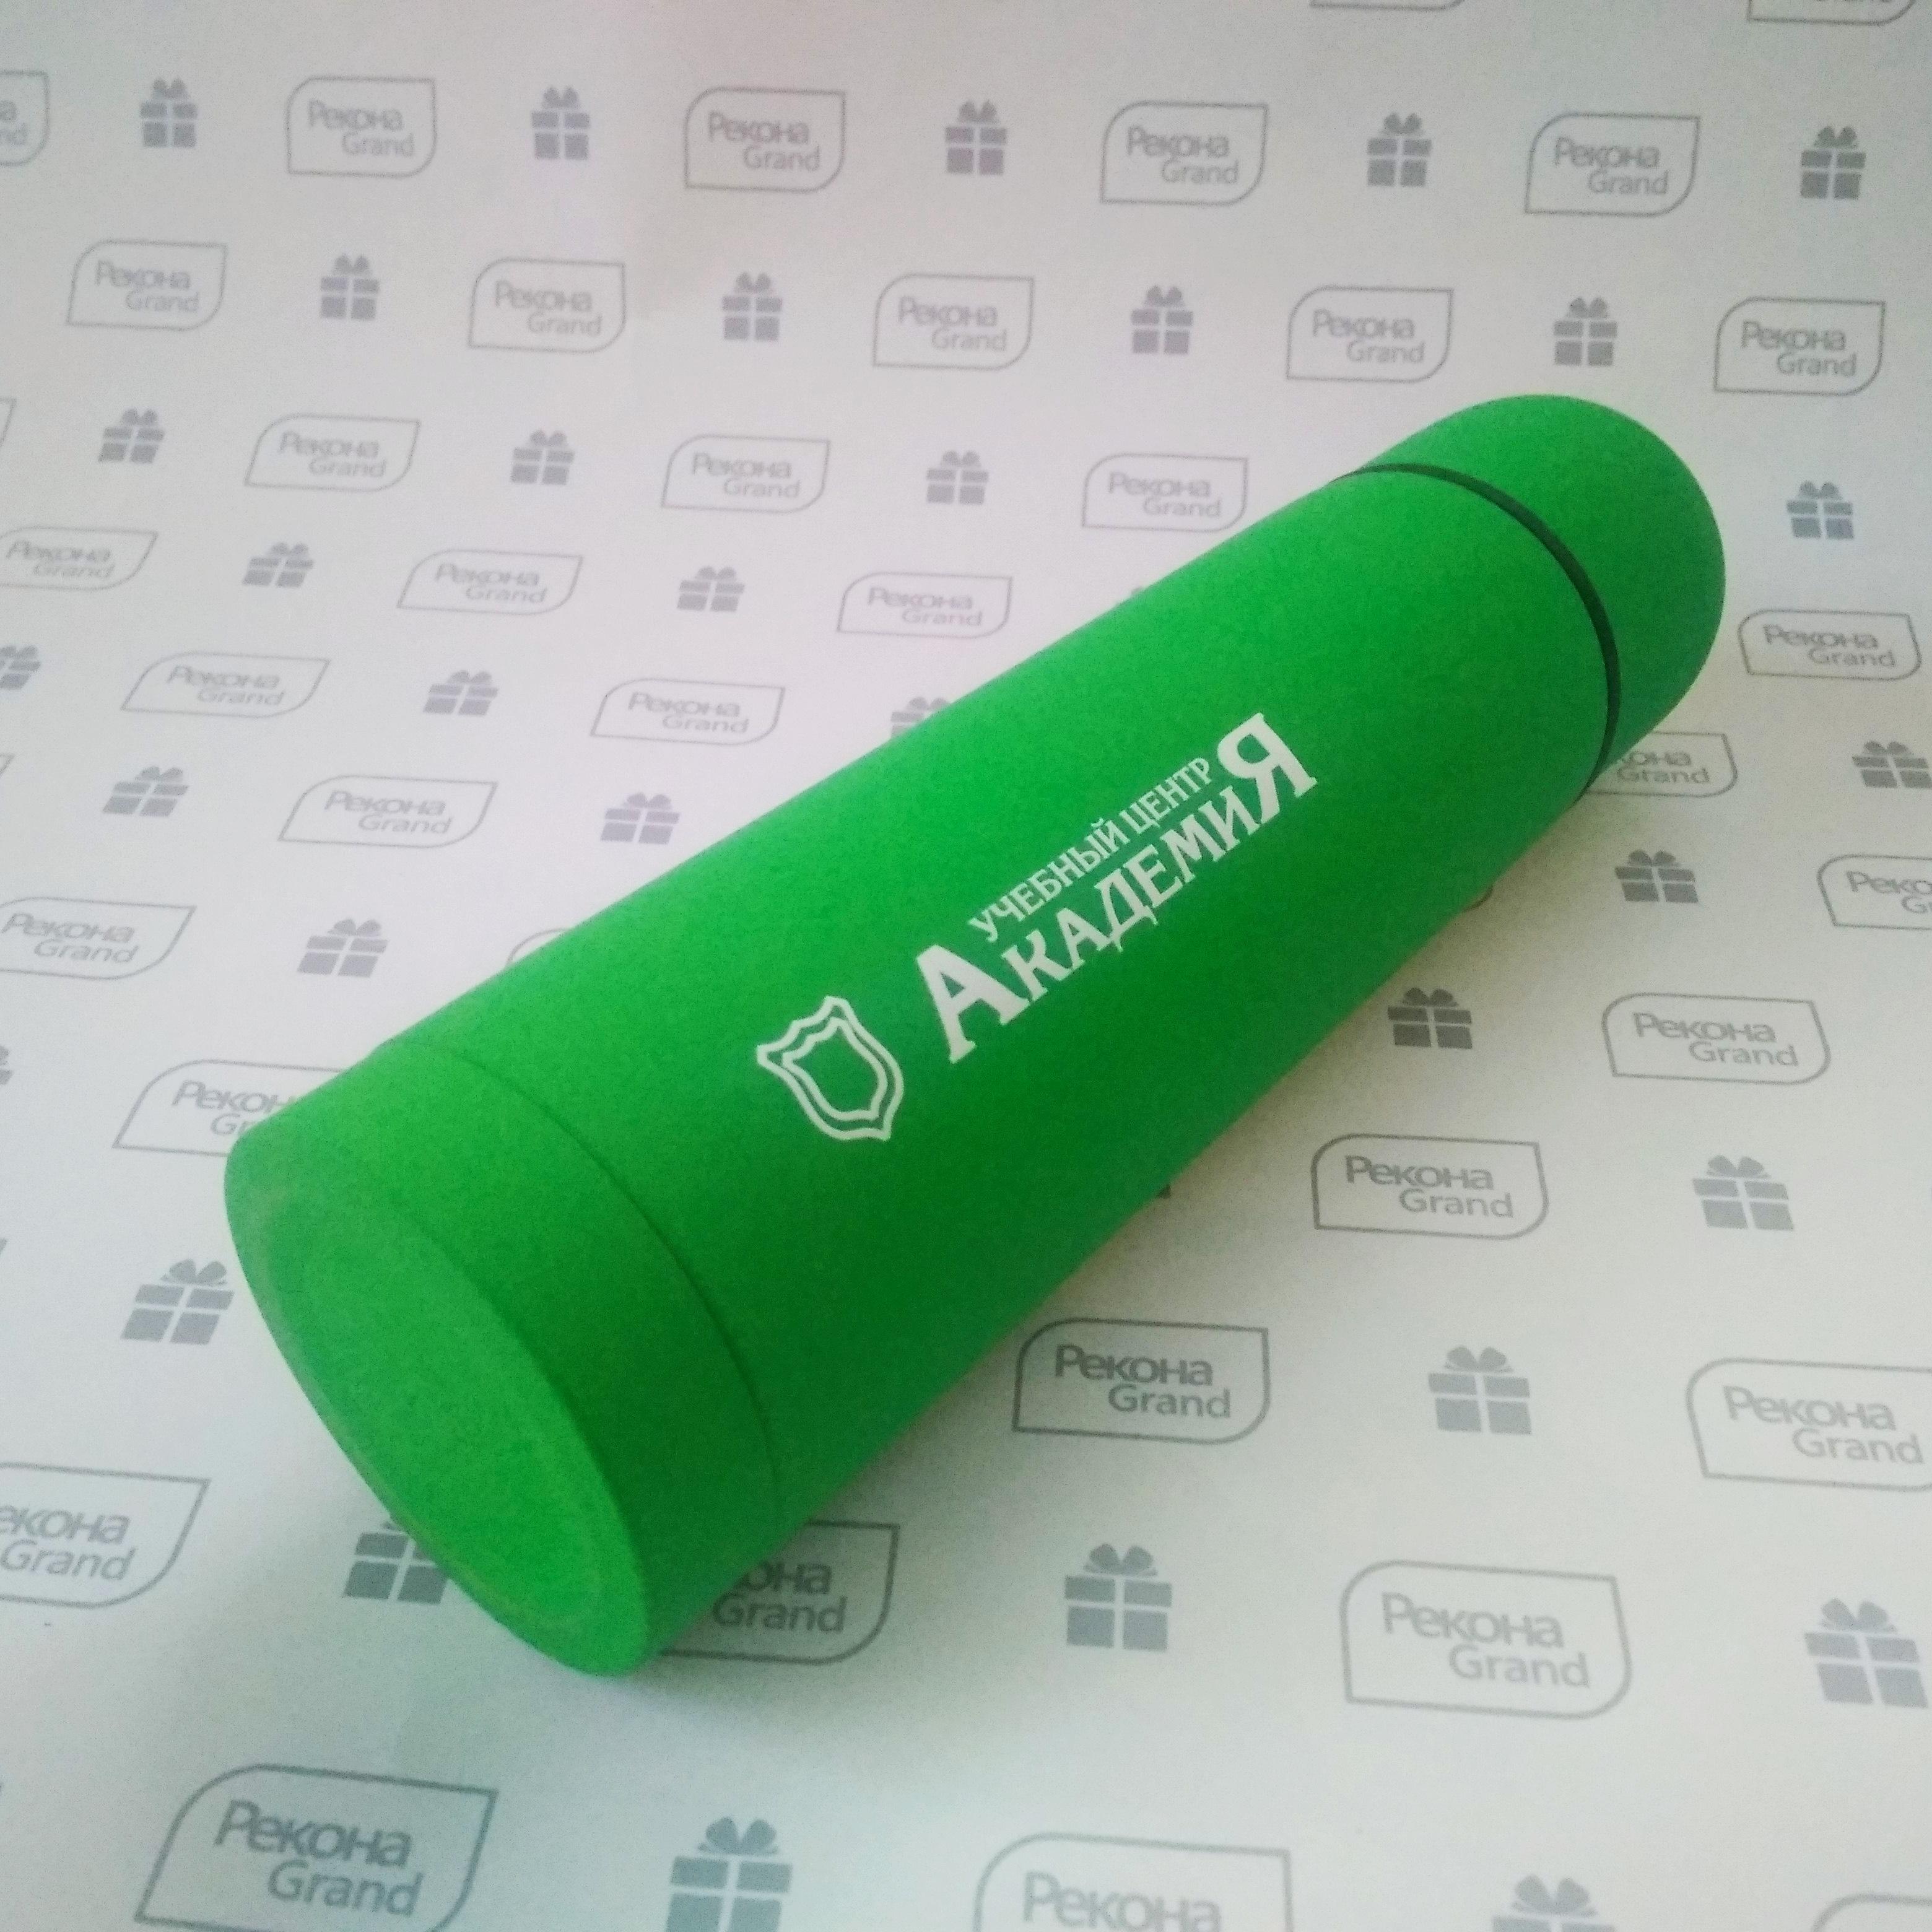 термосы с soft touch покрытием с логотипом